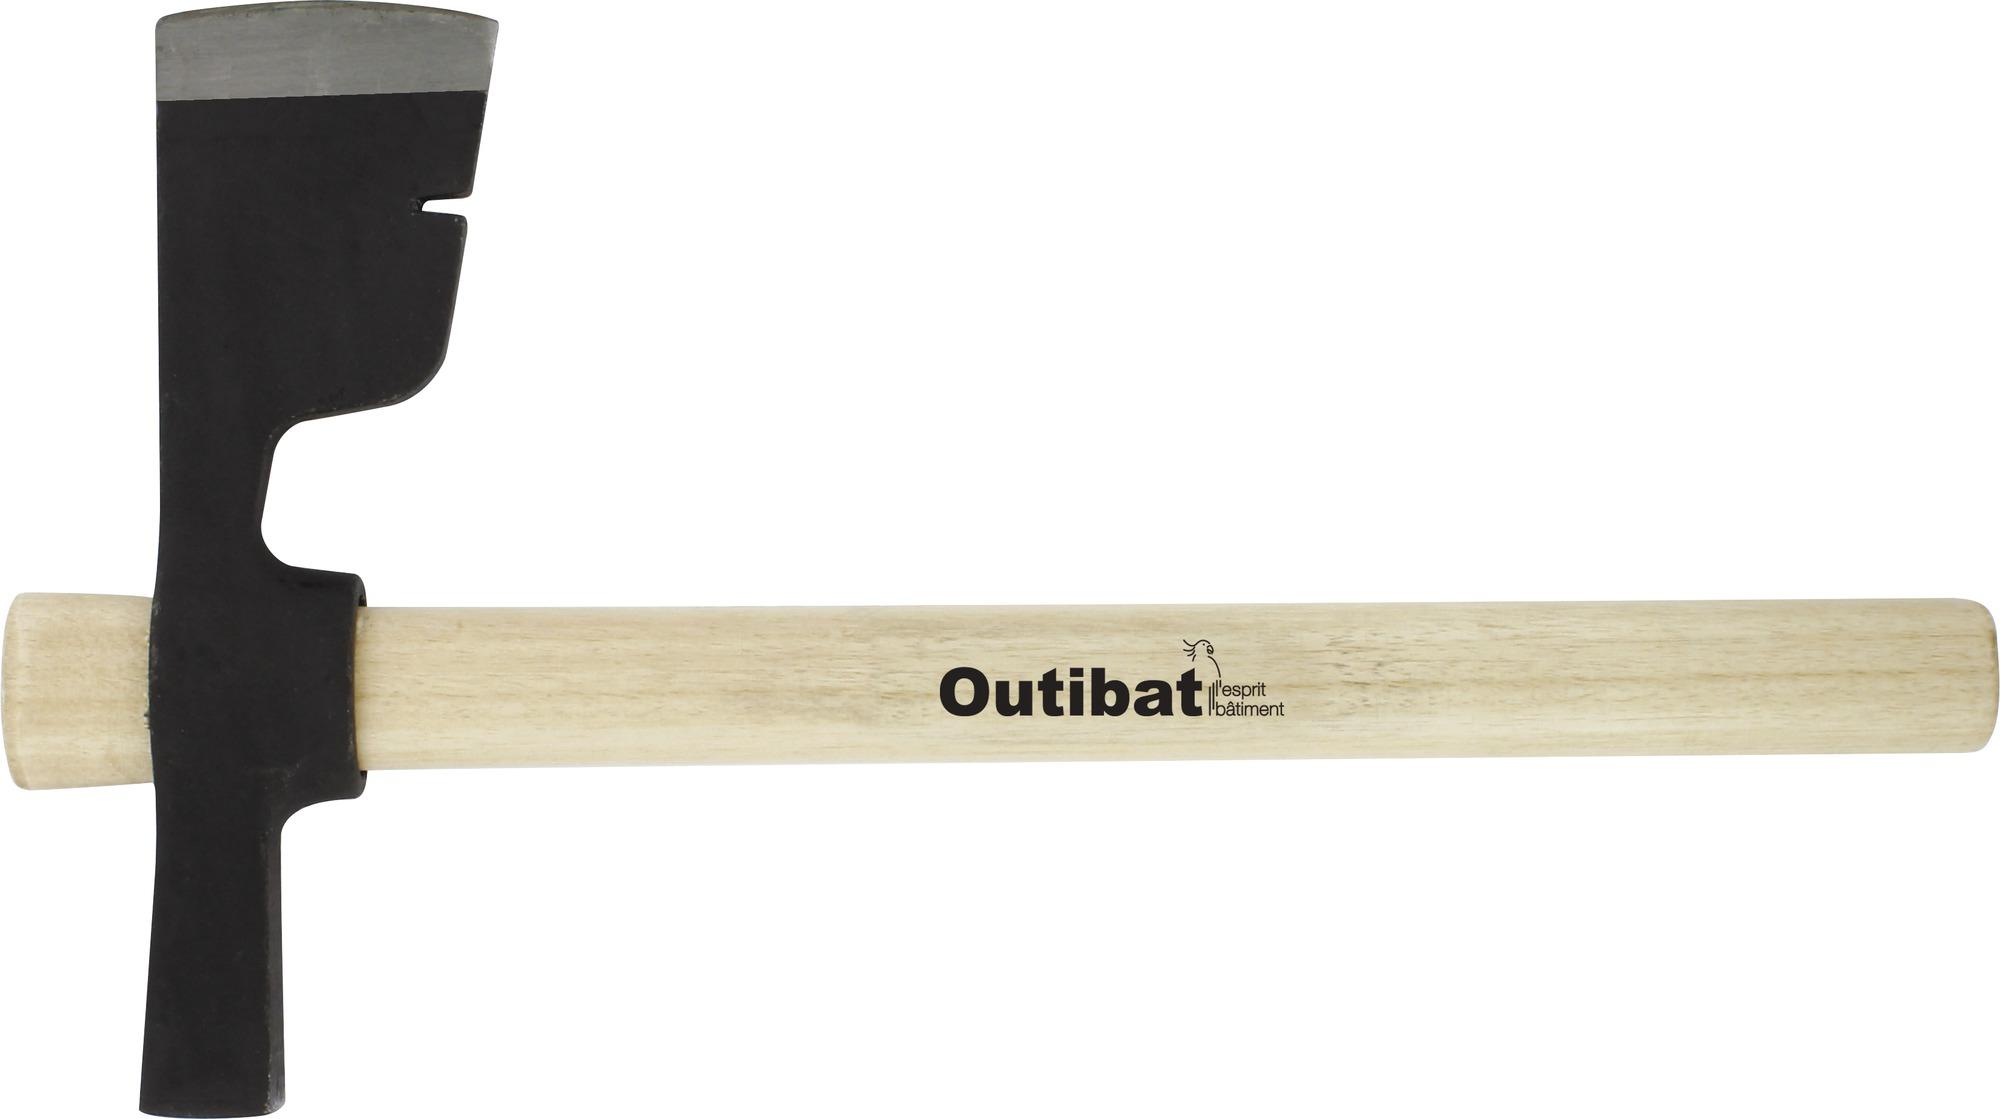 Hachette de plâtrier Outibat - 750 g